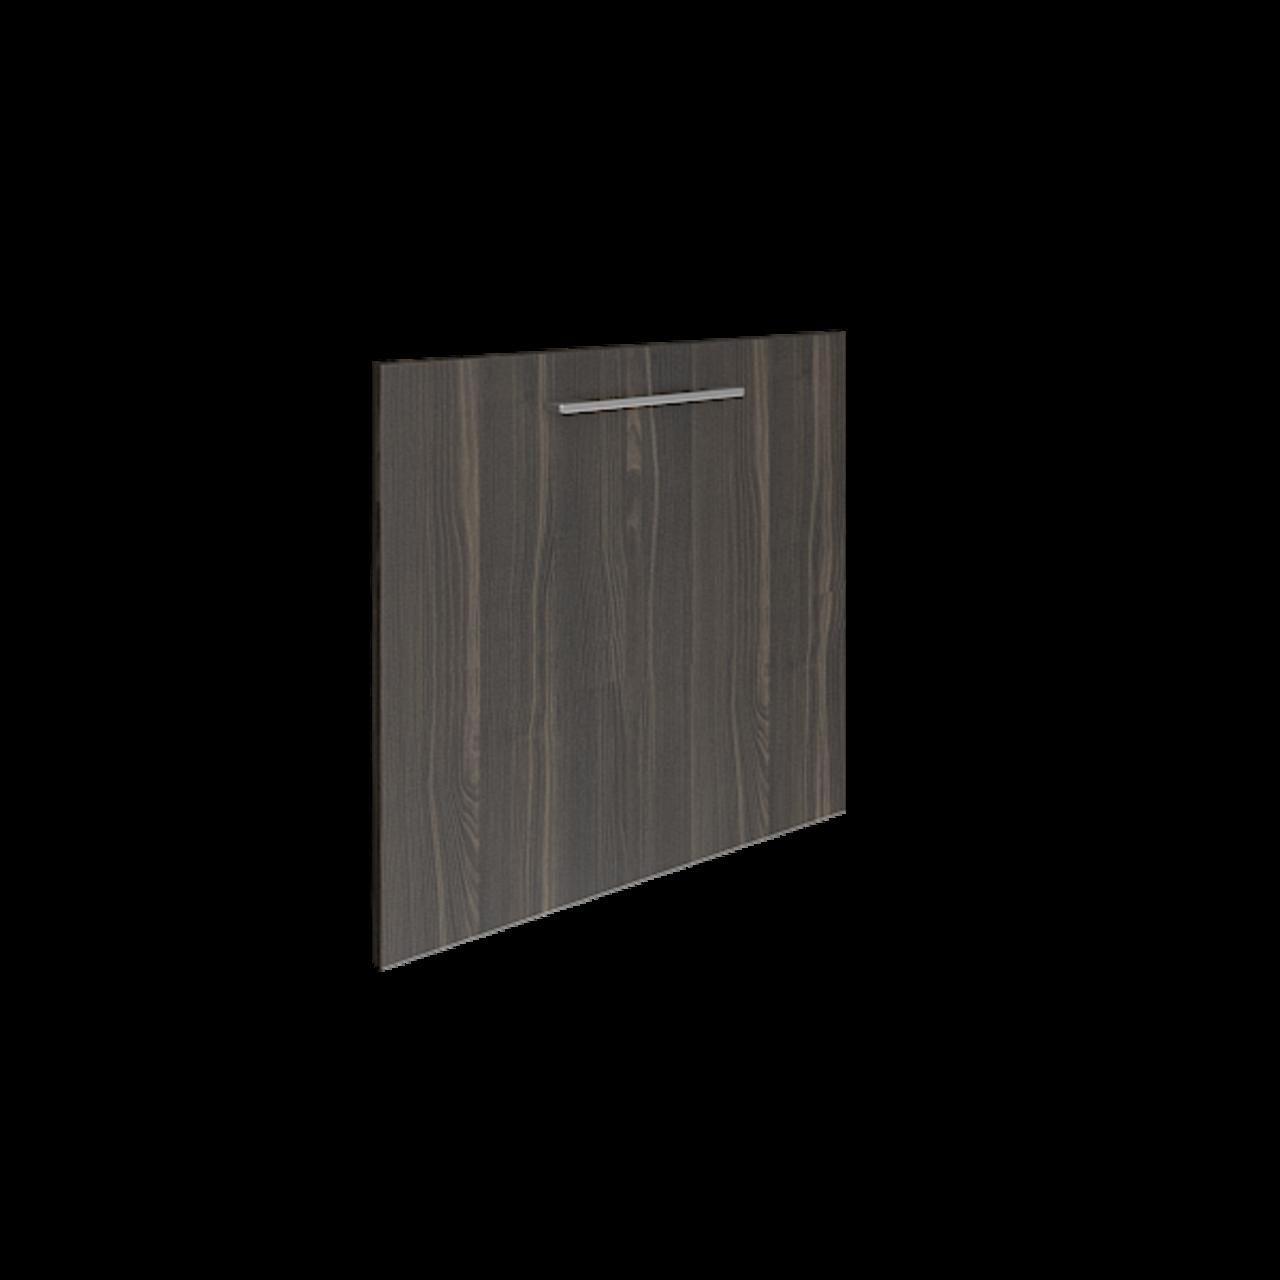 Дверь дсп шкаф четырехсекционный левая - фото 3